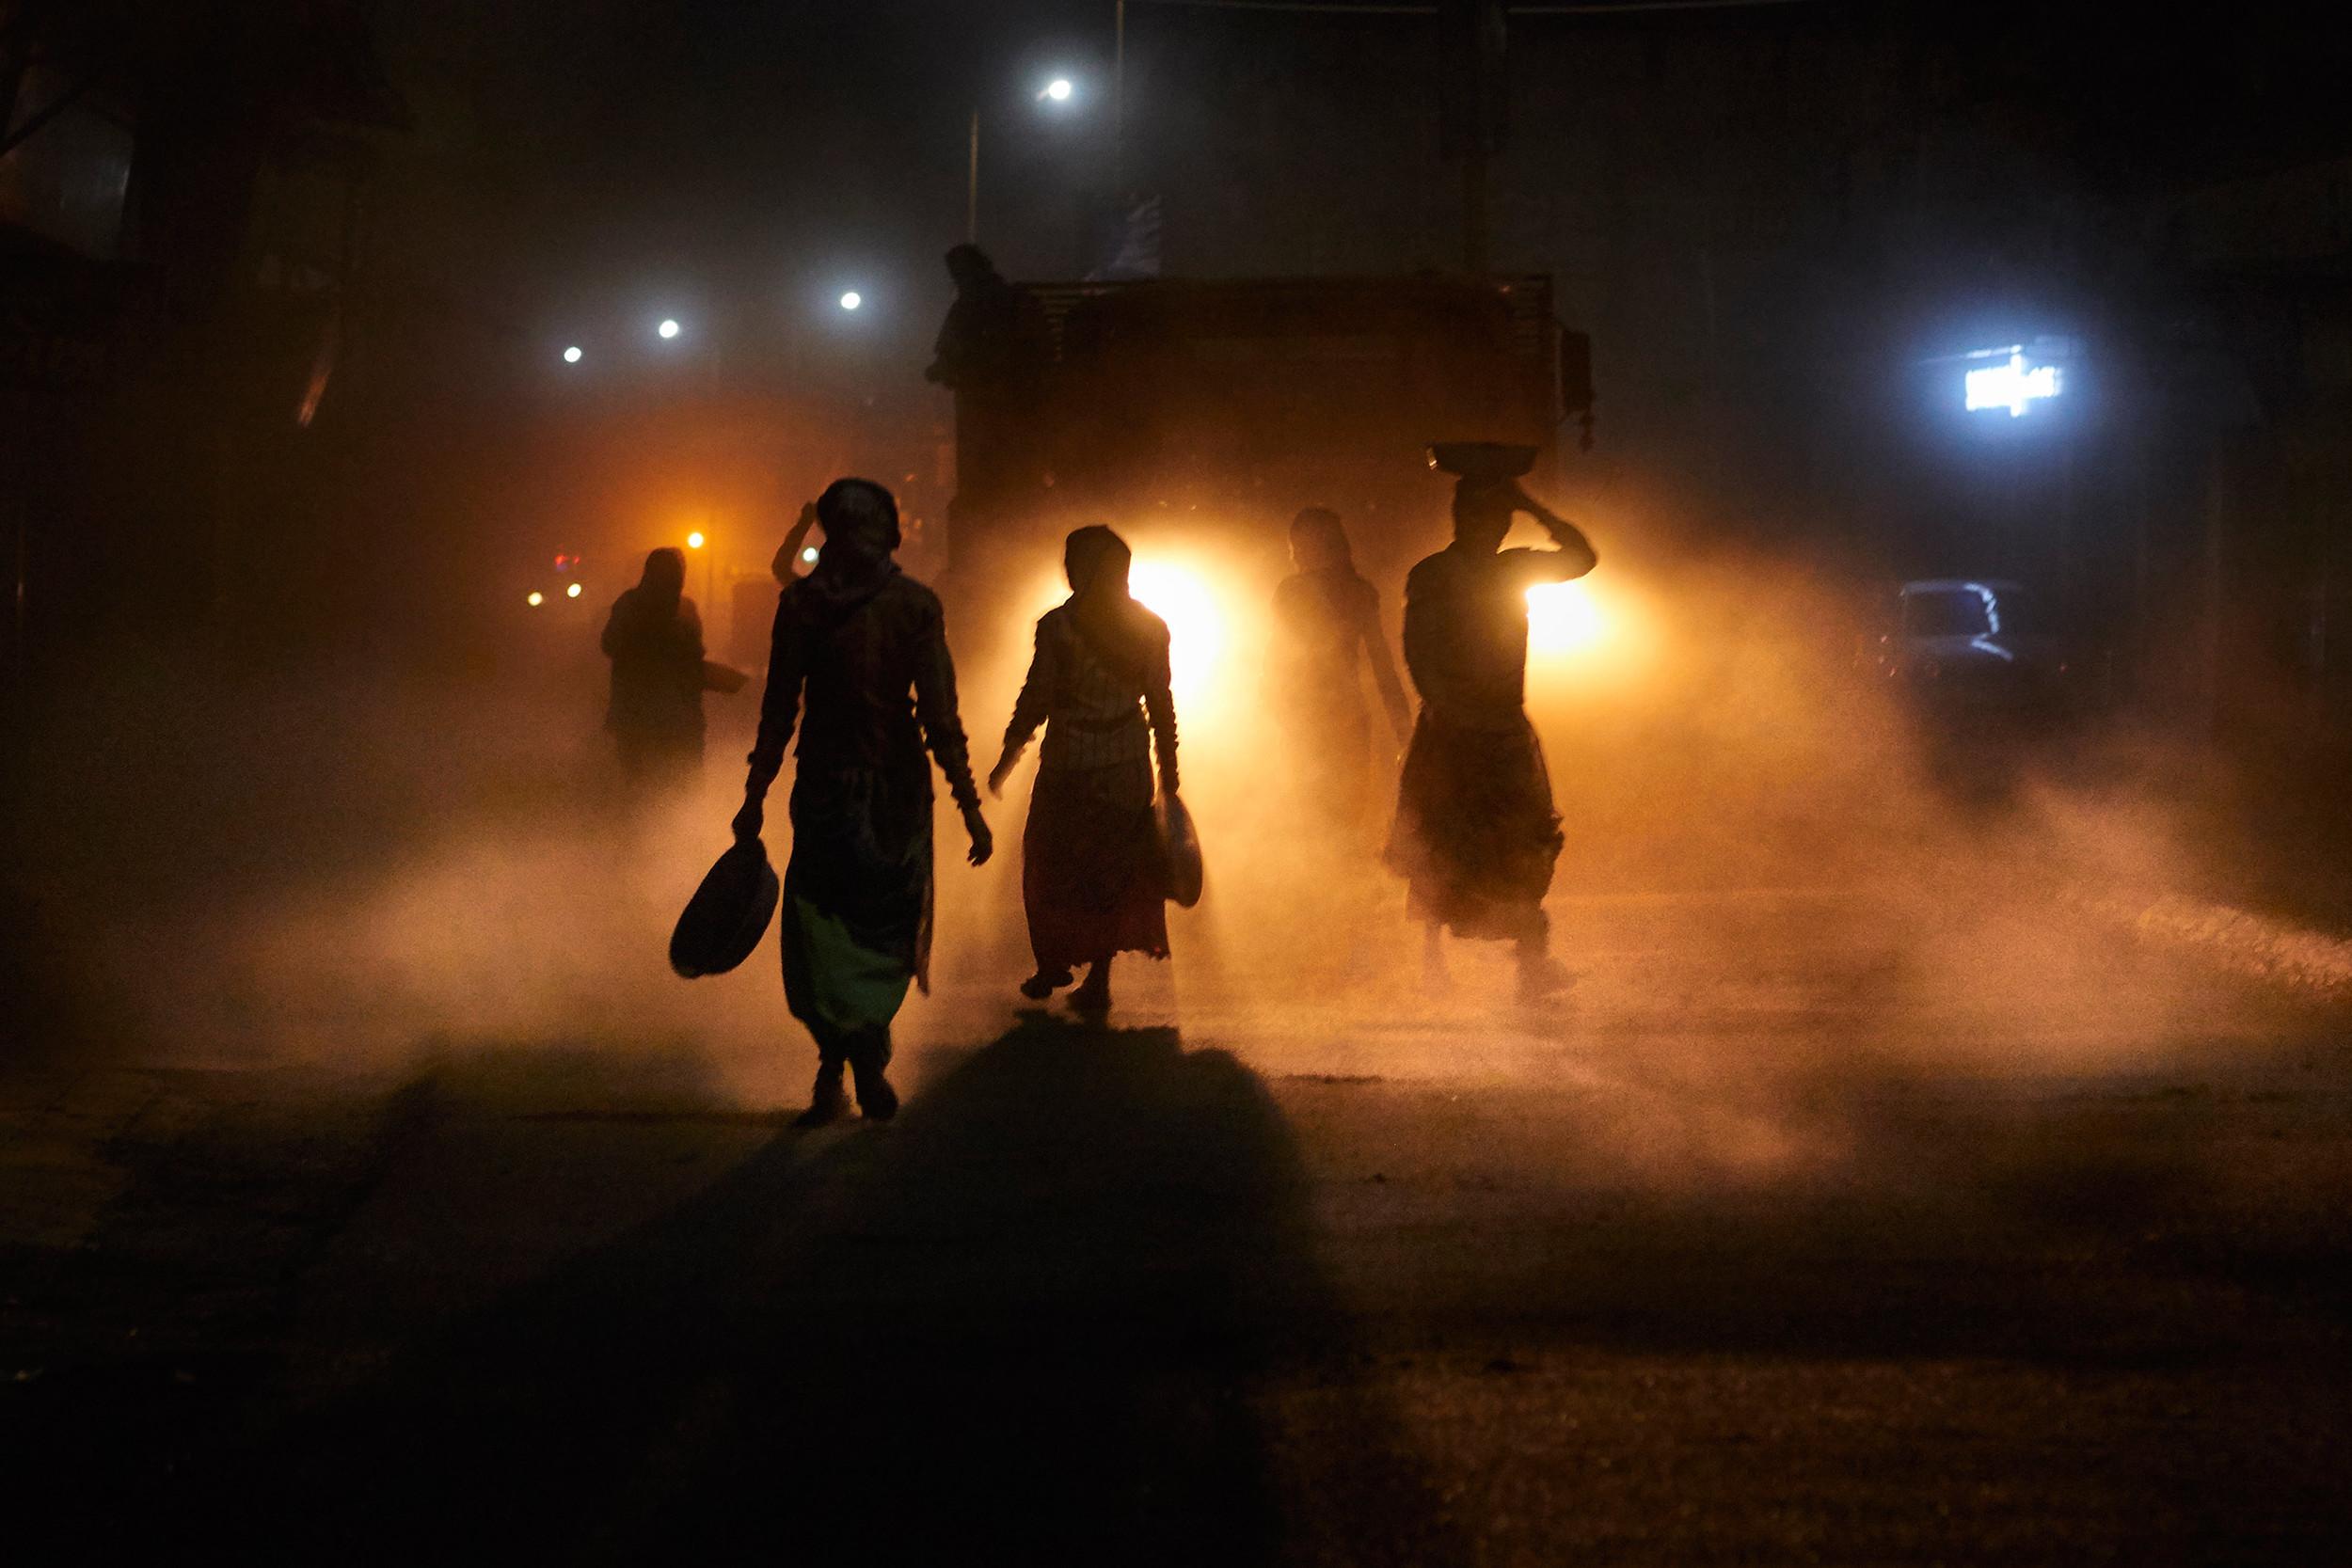 Women road workers walking towards a truck